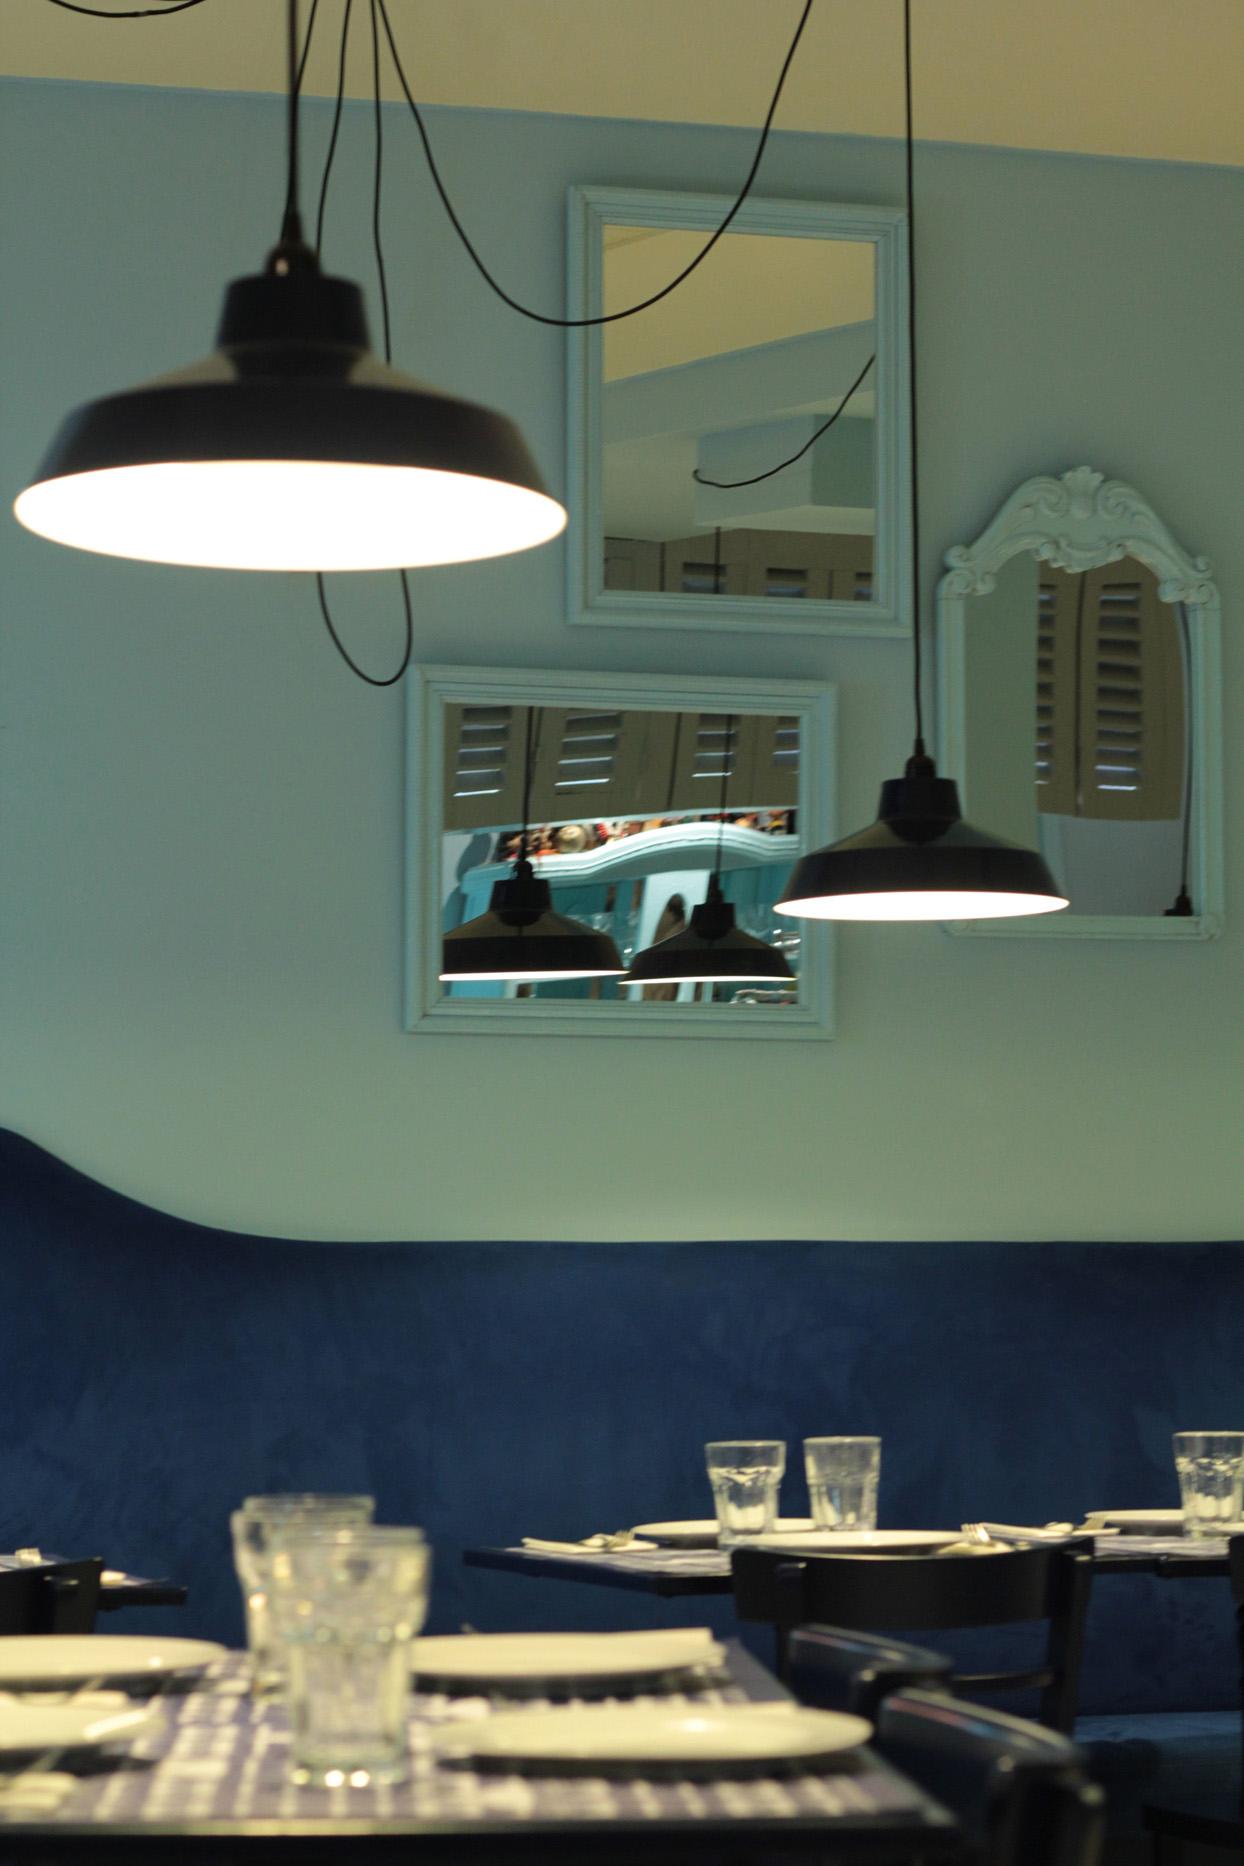 restaurante-gumbo-new-orleans-cajun-galeria-6